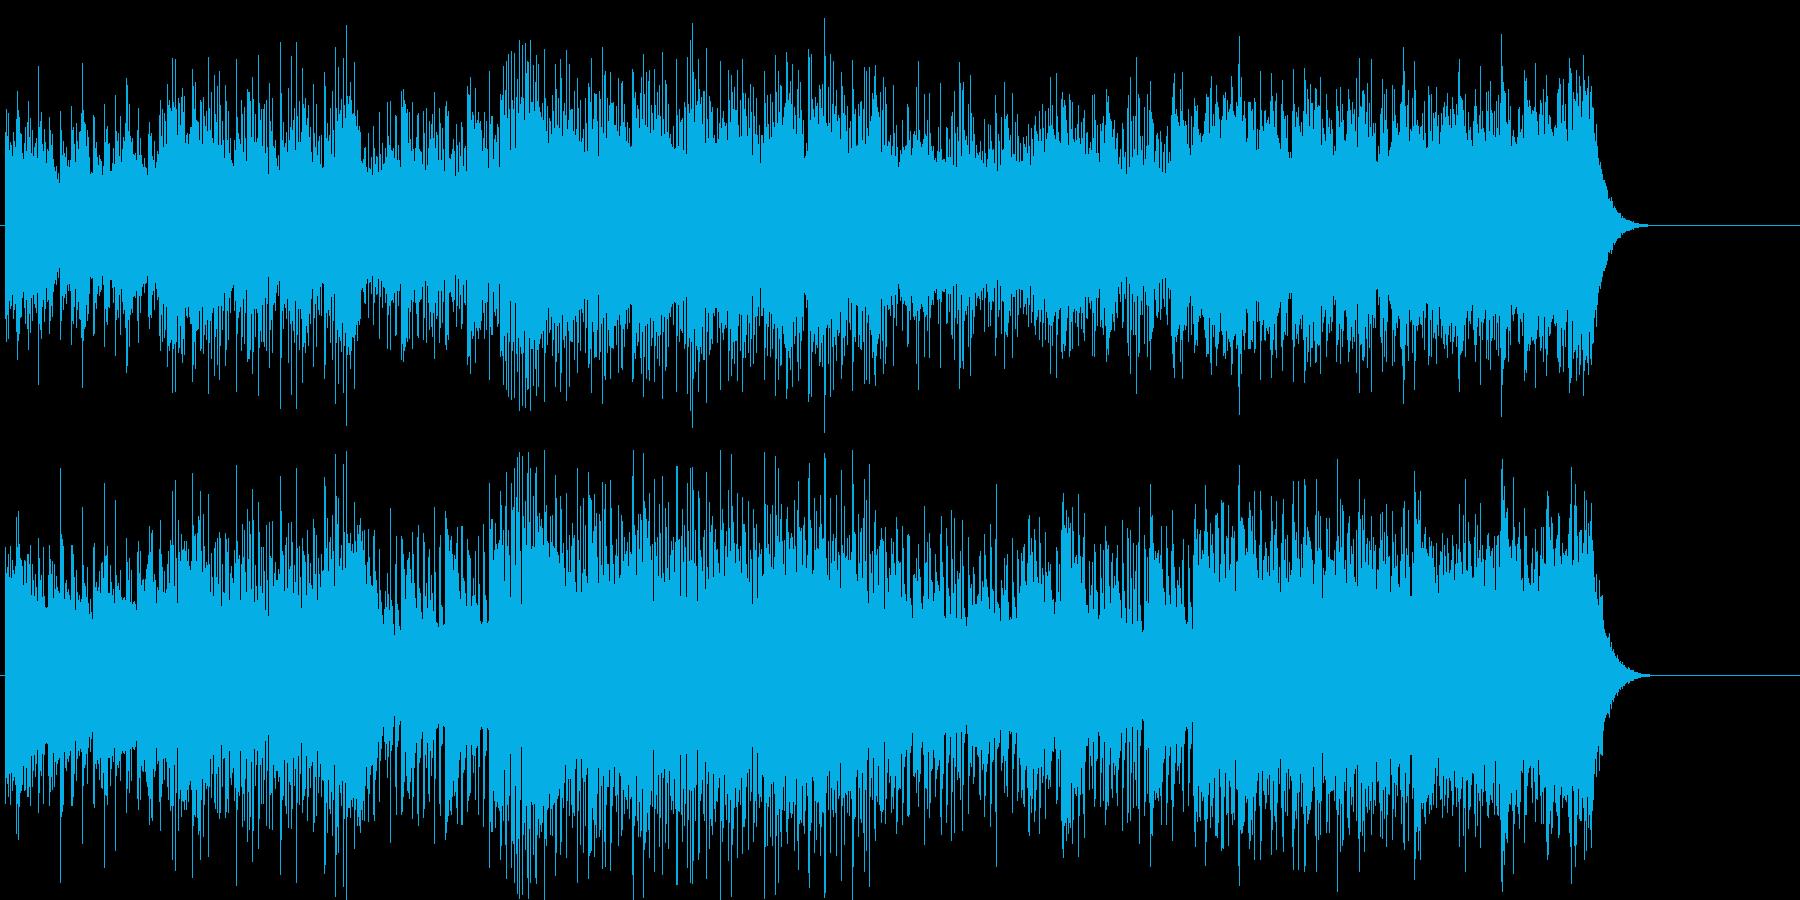 慌ただしい スリル 緊張 機械 重苦しいの再生済みの波形